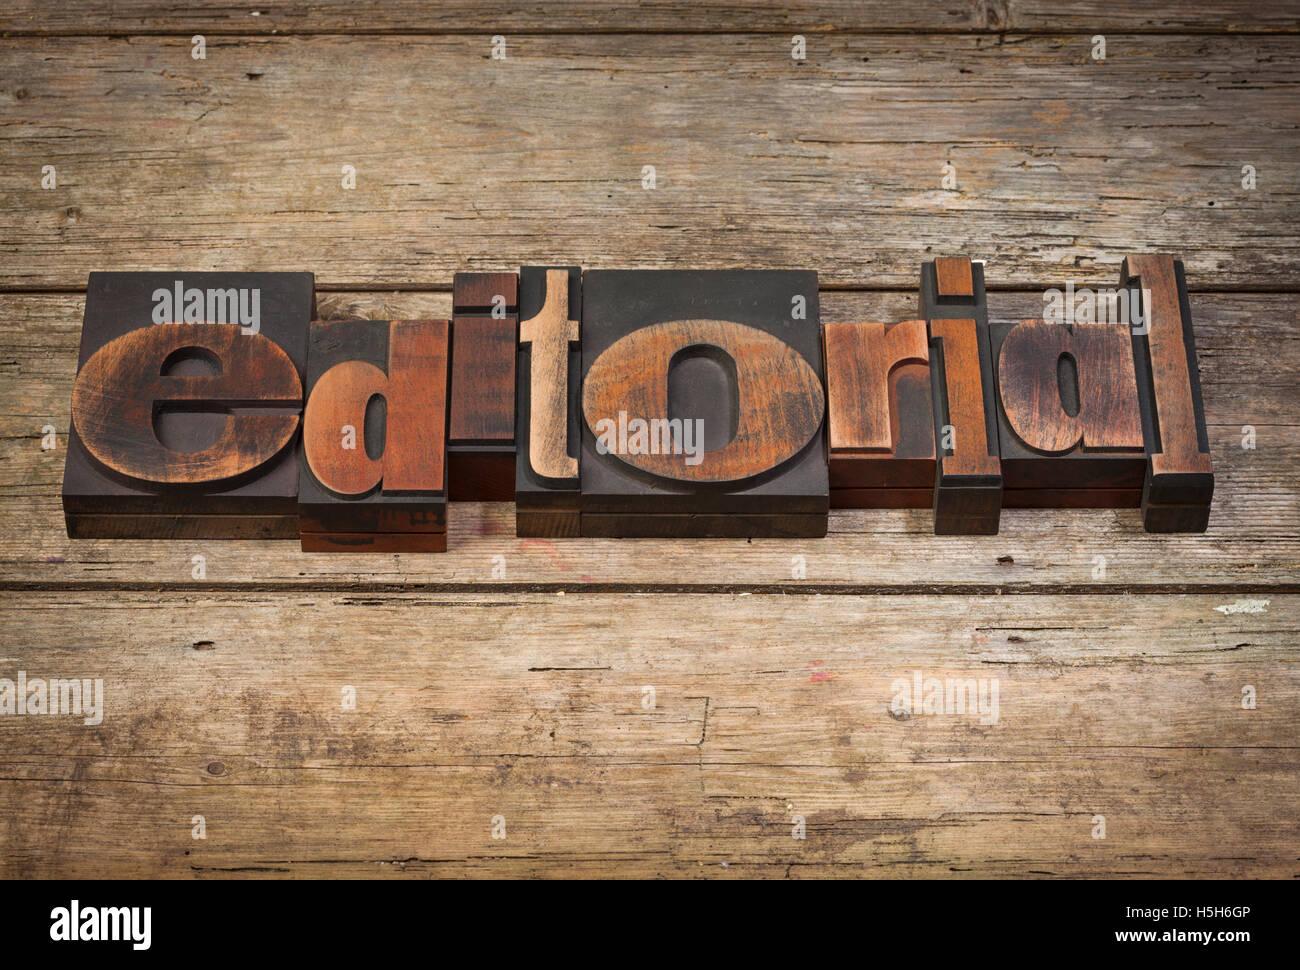 Redaktion, Wort, geschrieben mit Vintage Buchdruck Druckstöcken auf rustikalen hölzernen Hintergrund Stockbild